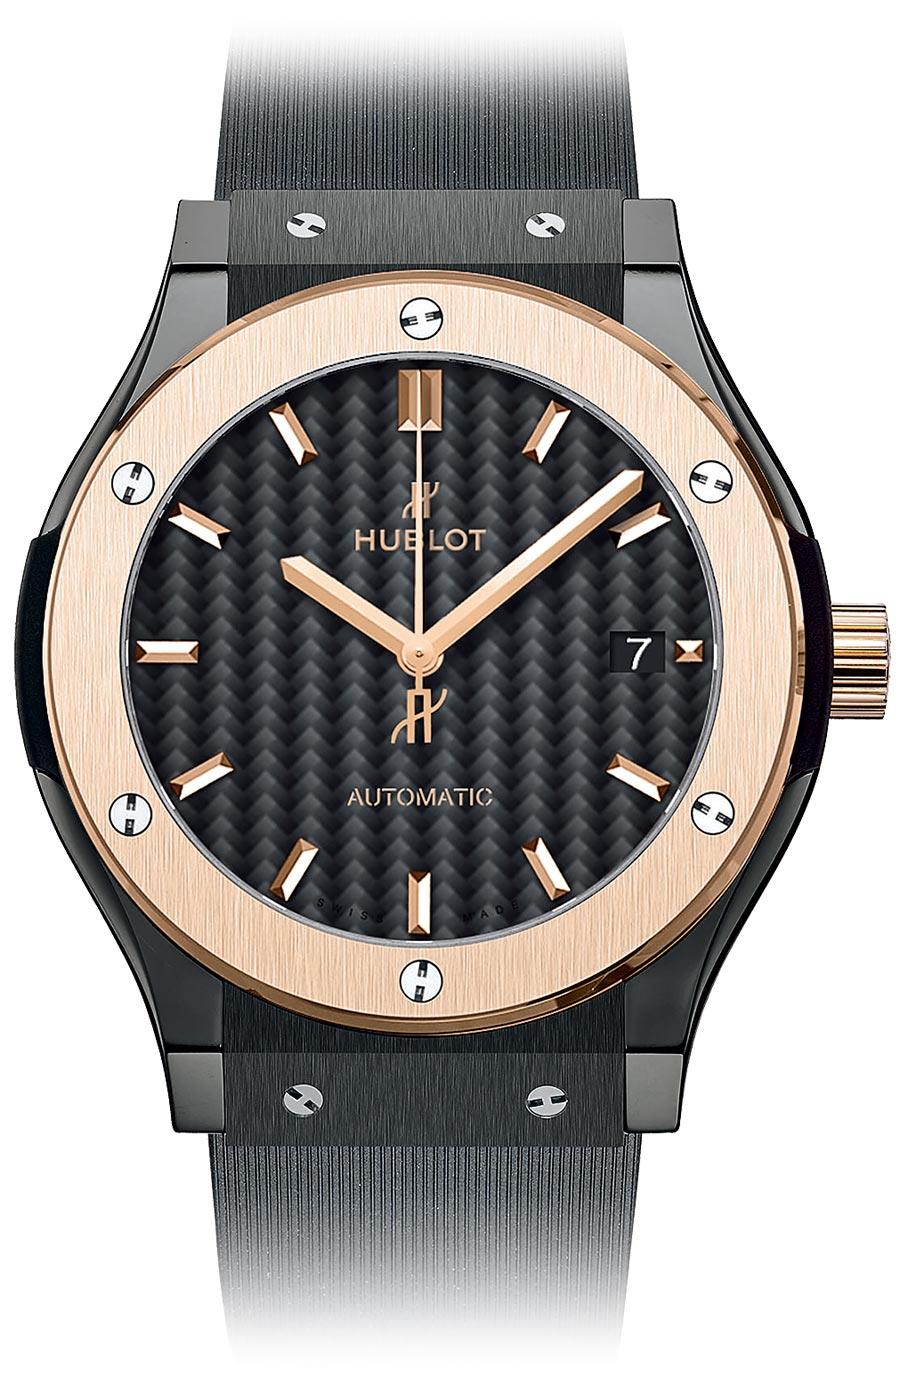 宇舶表經典融合系列皇金黑陶瓷腕表,40萬9000元。(HUBLOT提供)